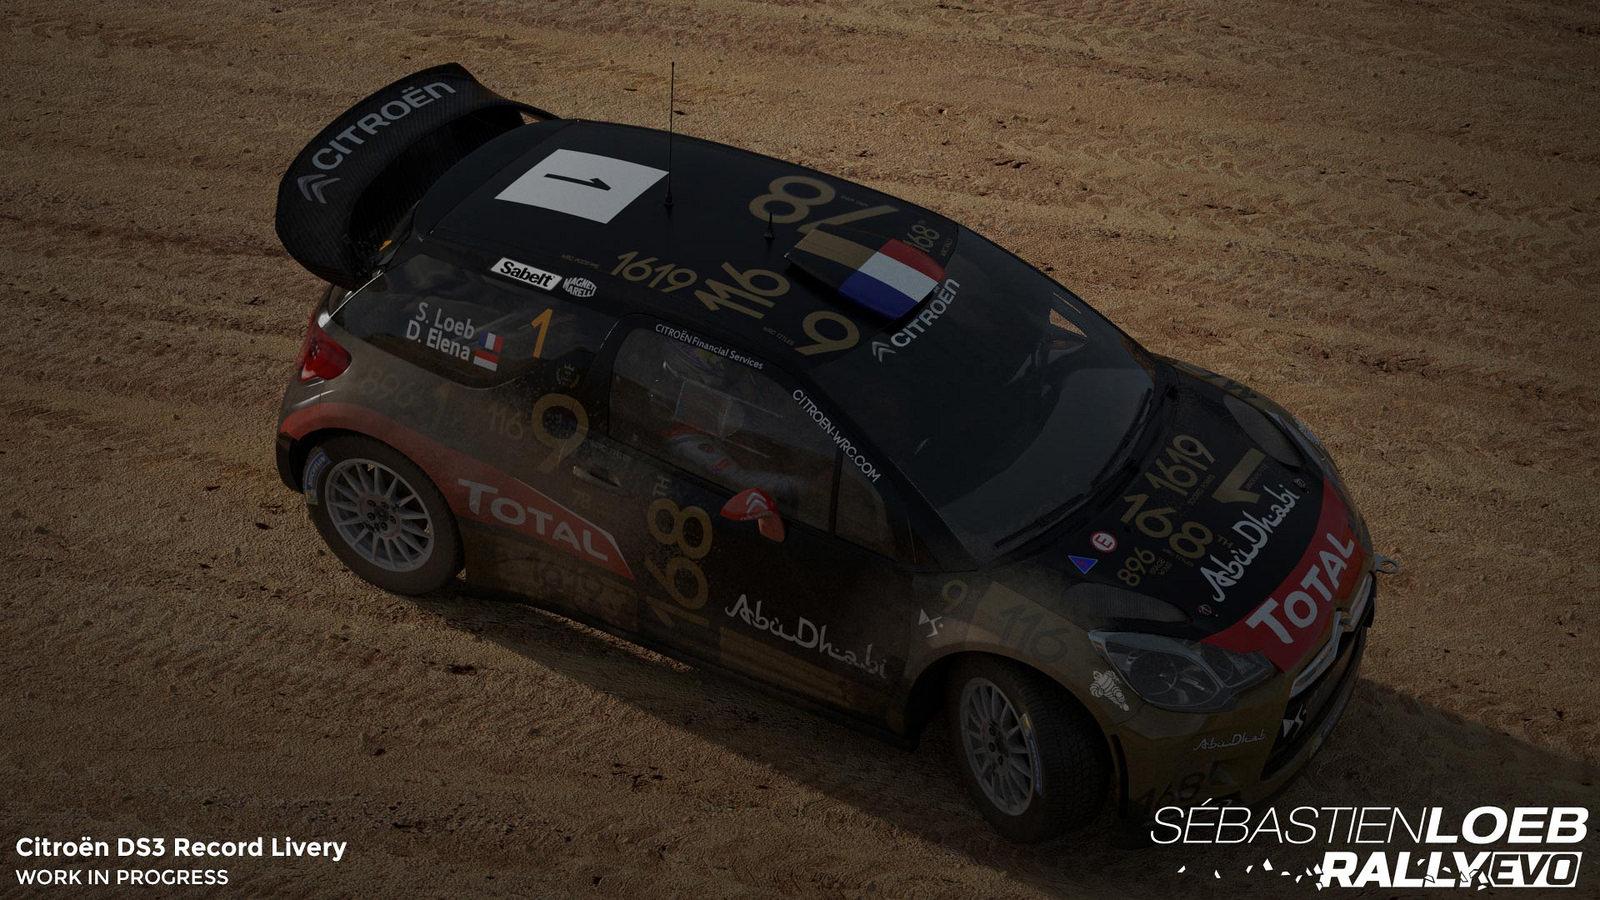 Vozy značky Citroën v závodech Sebastien Loeb Rally Evo 110724